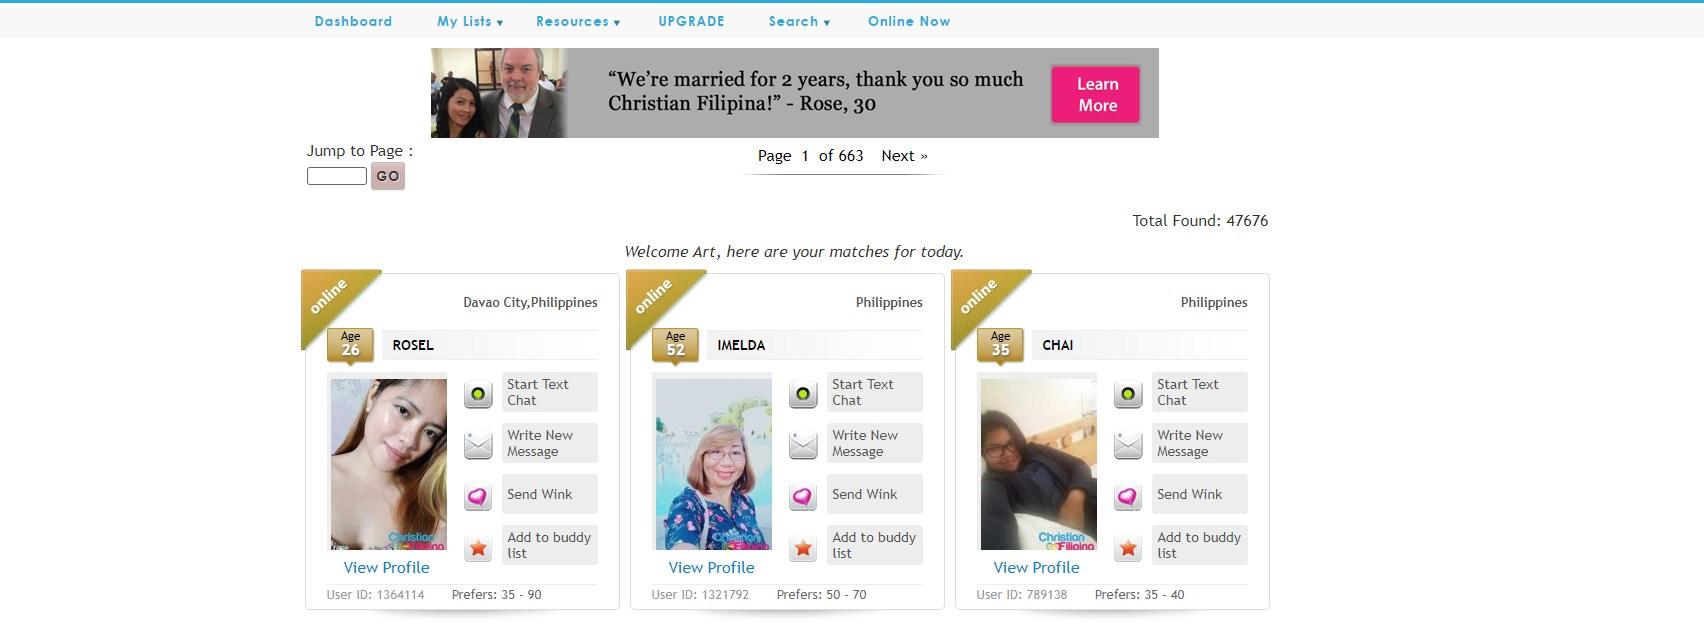 christian filipina reviews